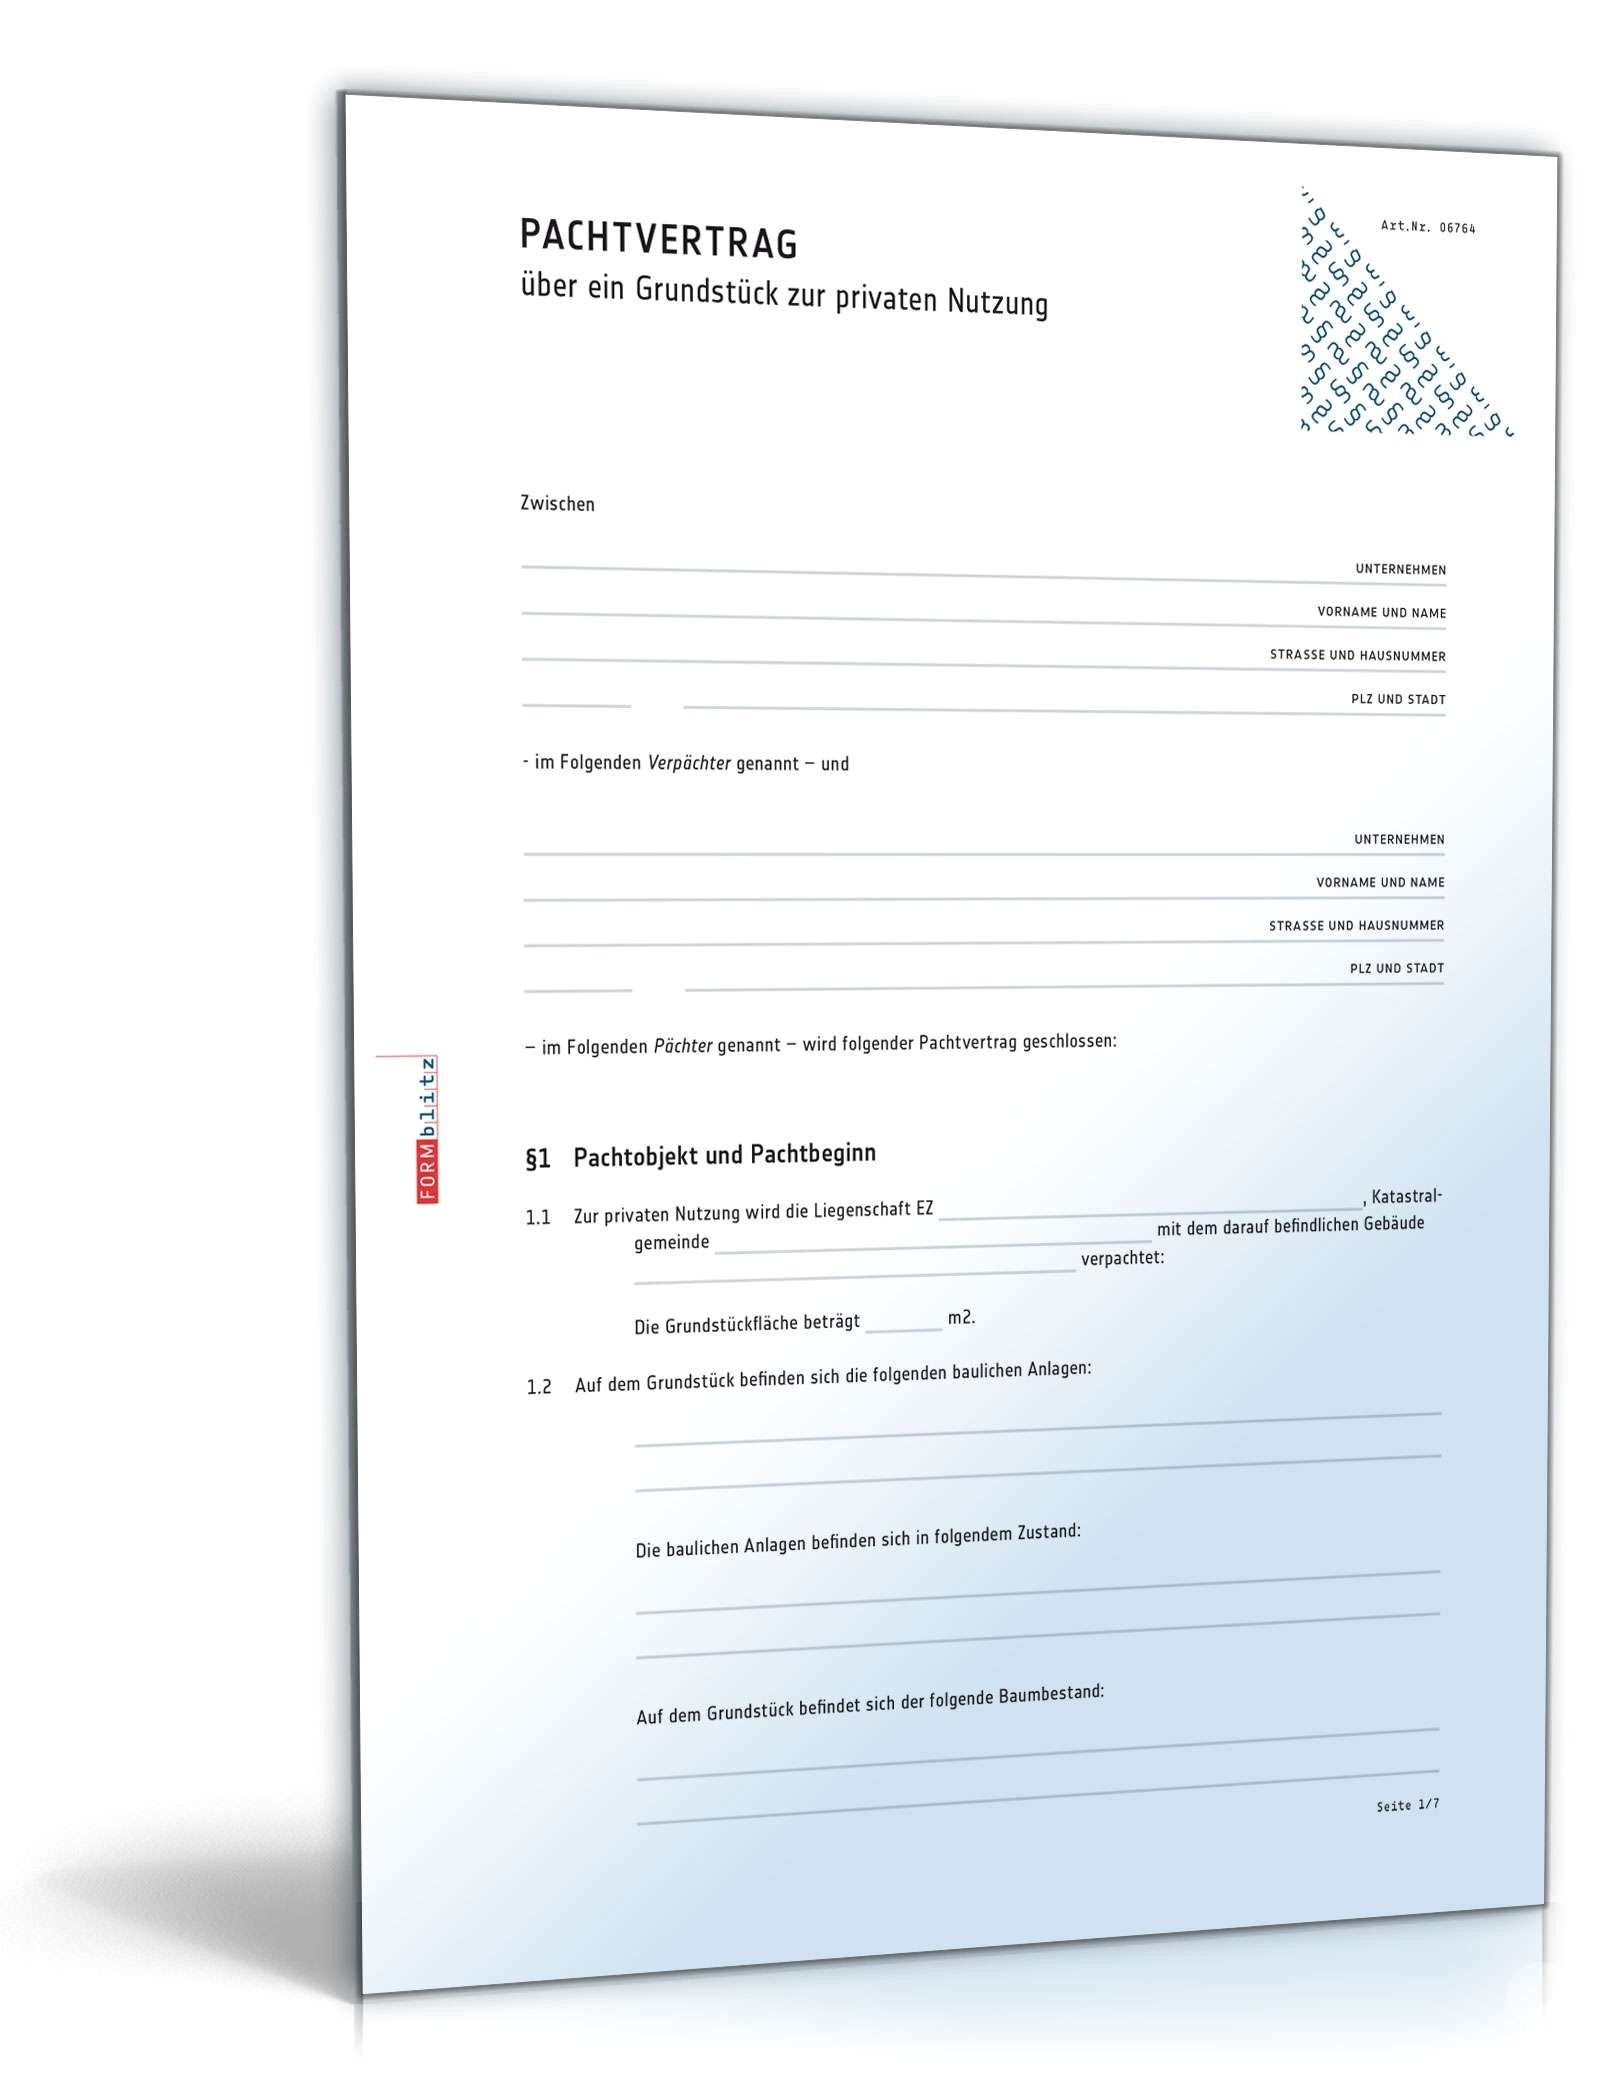 Blank social Security Card Template Pachtvertrag Garten Kostenlos Download Wir Haben Es Jemals